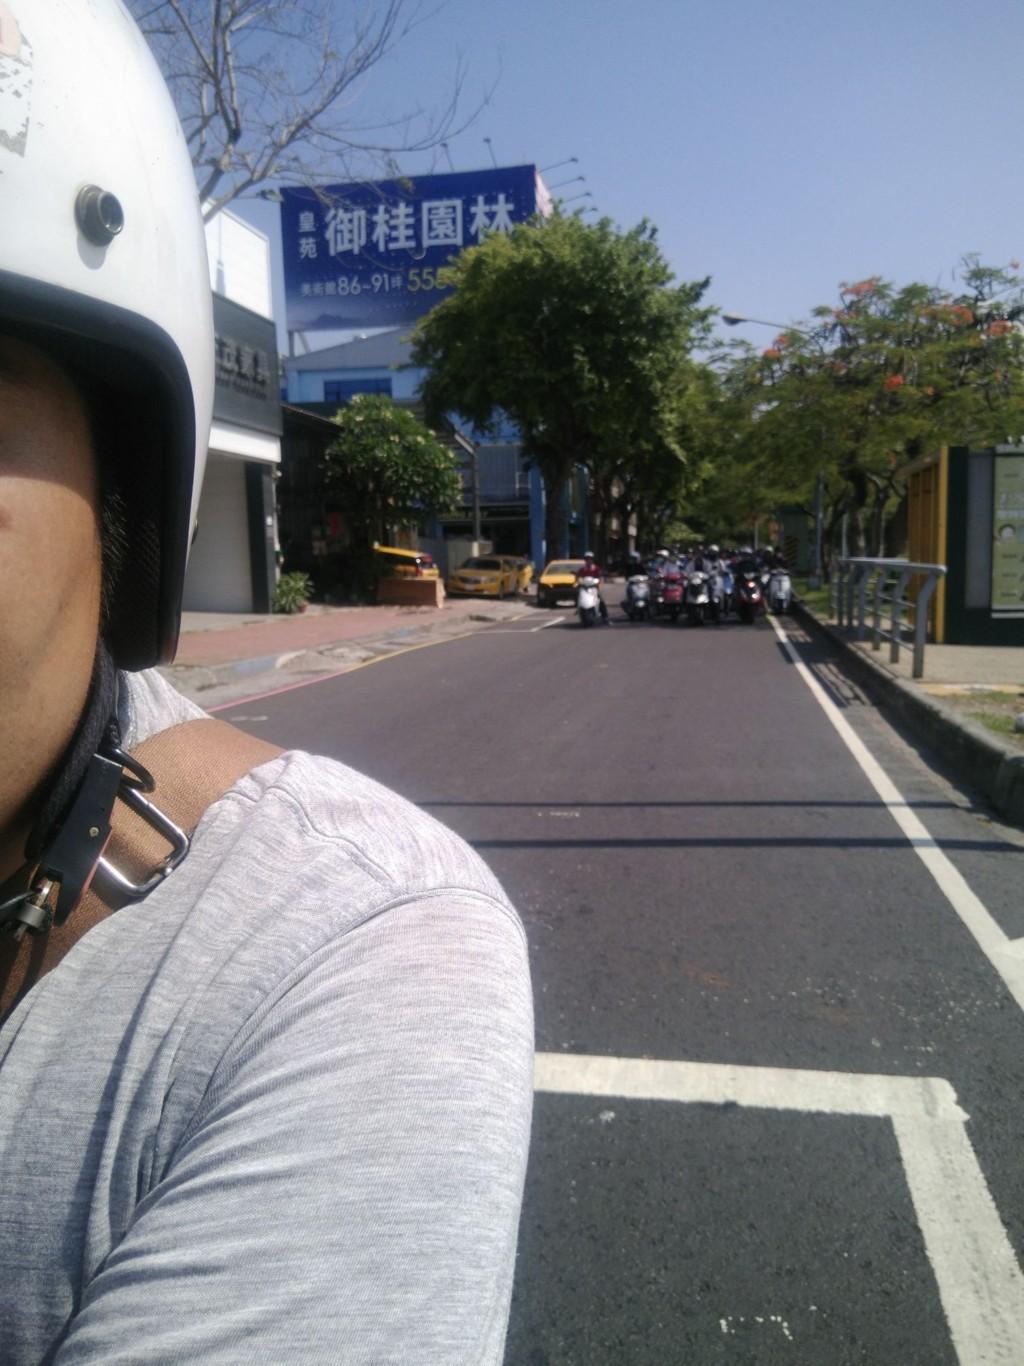 連騎車都邊緣!他等紅燈「世界突然靜了下來」 一回頭:我長的很醜?QQ